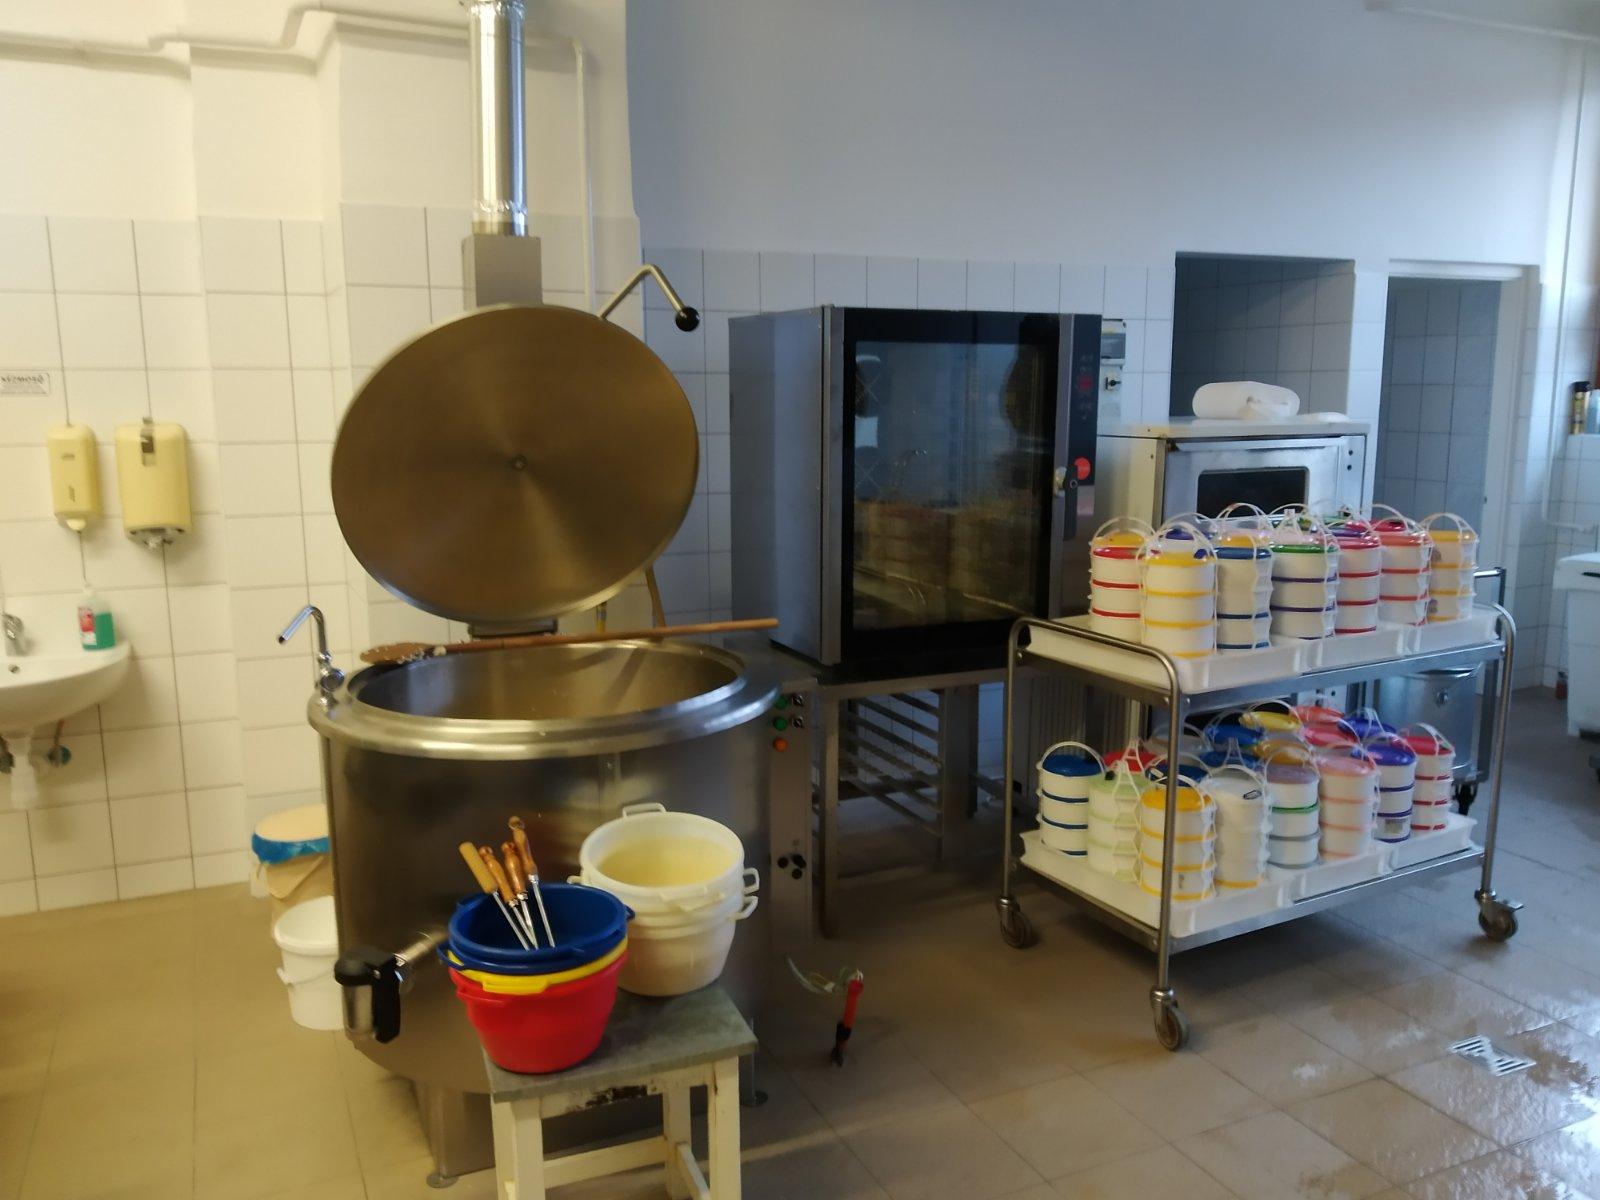 Konyhalányt keresünk önkormányzati konyhánkra